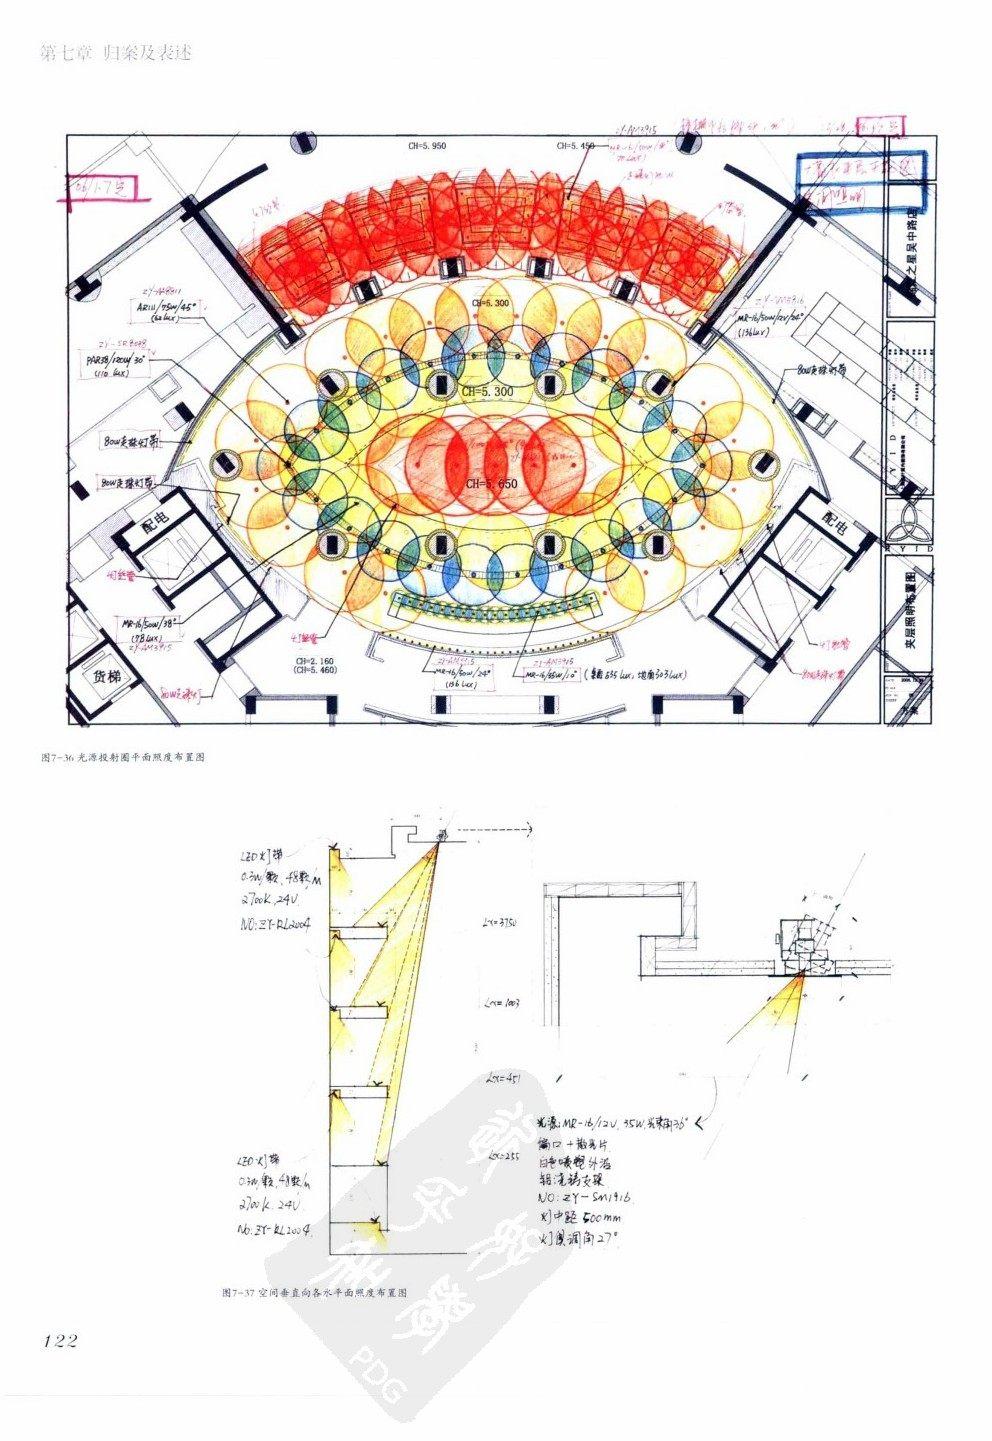 室内设计纲要++概念思考与过程表达_室内设计纲要  概念思考与过程表达_1297982..._页面_130.jpg